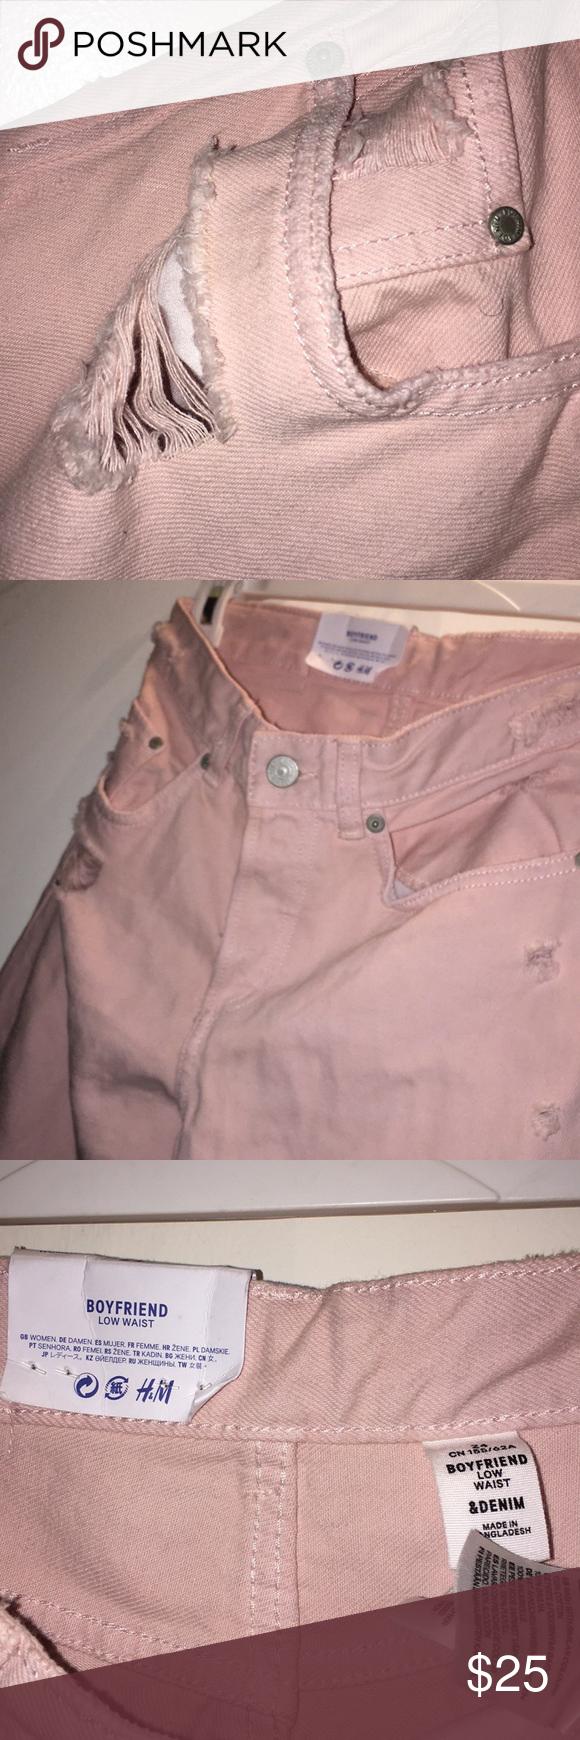 Never Worn Hm Bf Jeans Low Waist 24 Pinkish Boyfriend